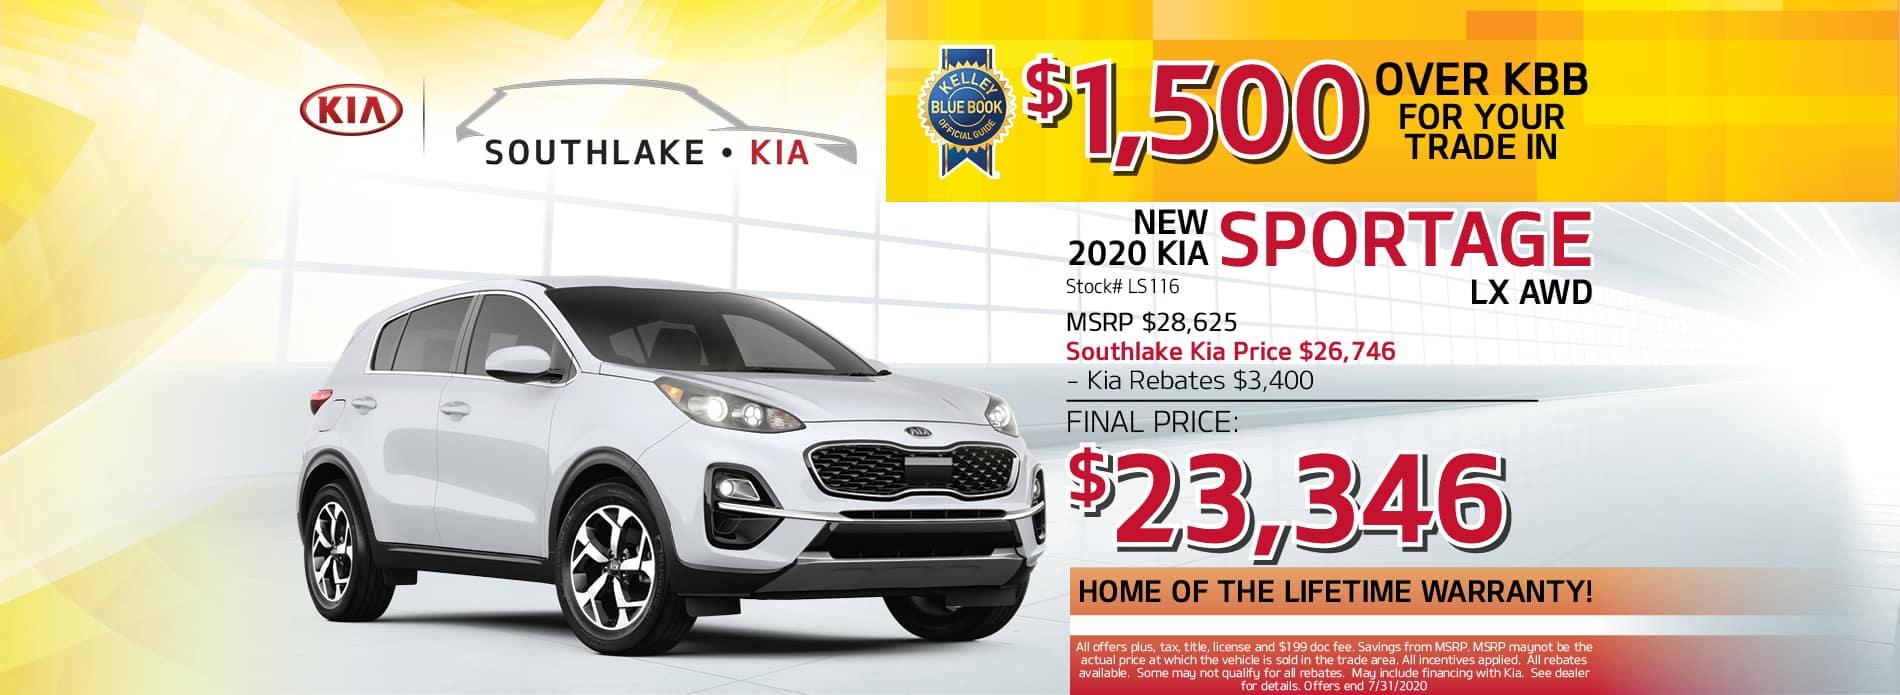 2020 Kia Sportage LX Lease Offer | Southlake Kia